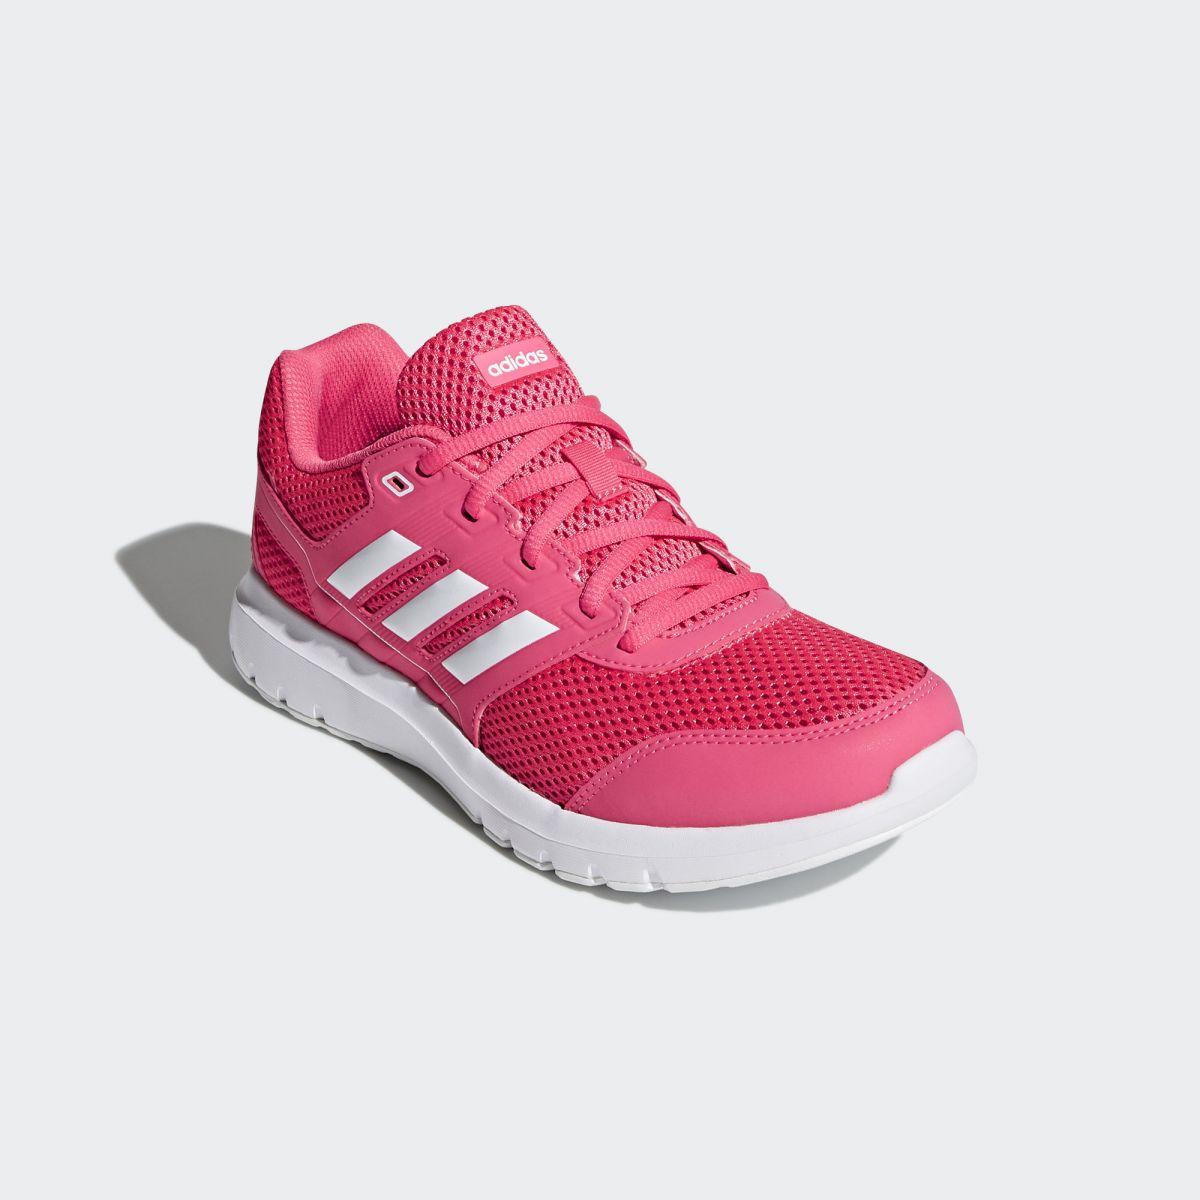 Buty Damskie adidas Duramo Lite 2.0 różow 40 23